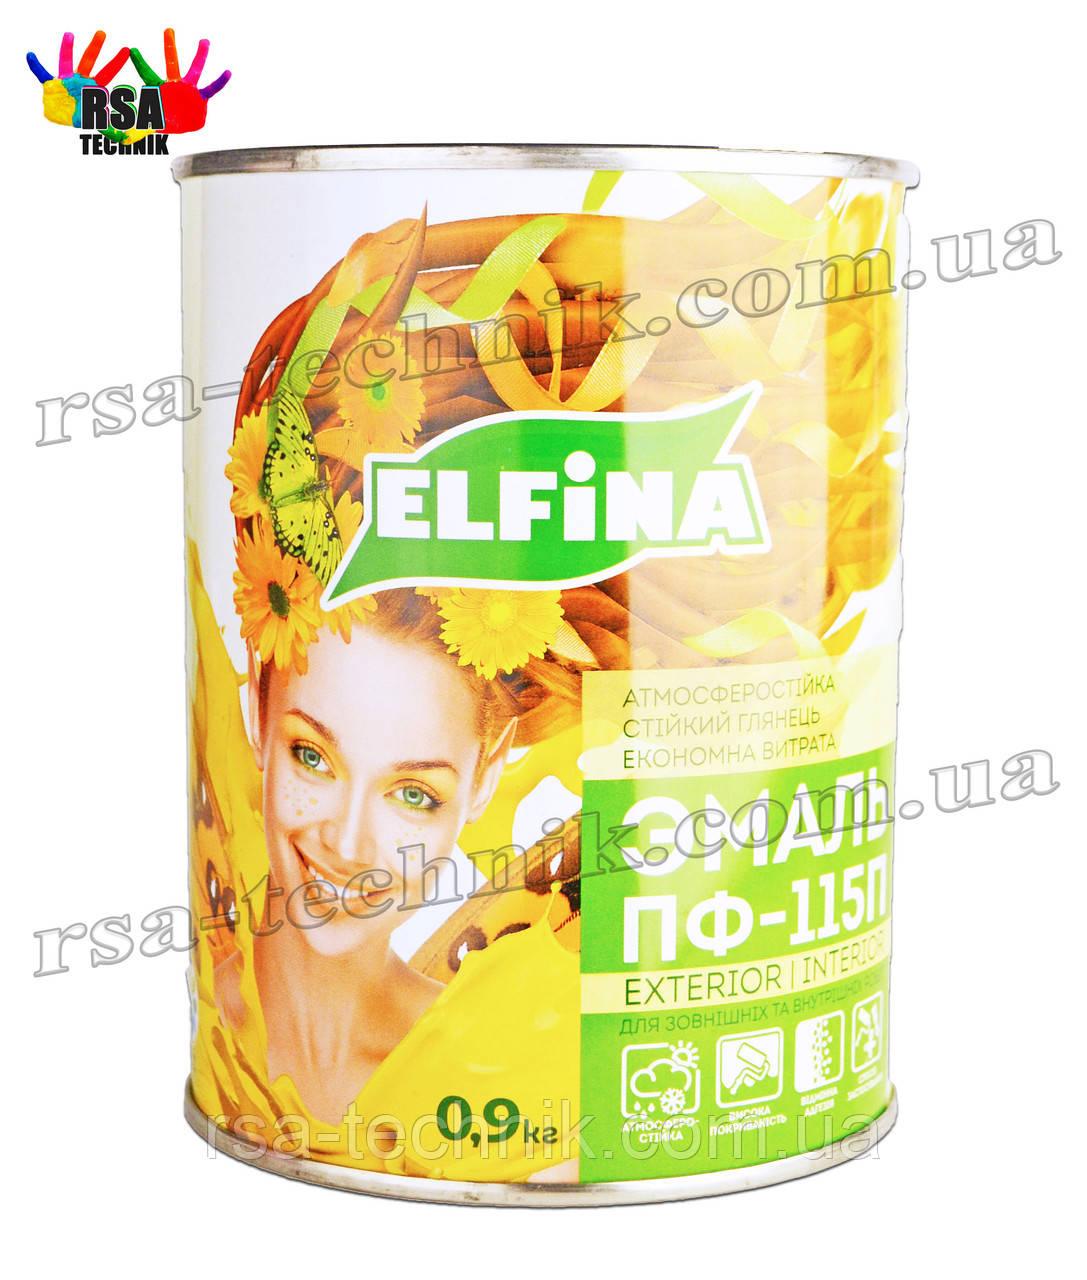 Elfina Емаль ПФ-115П Для зовнішніх і внутрішніх робіт 0,9 кг